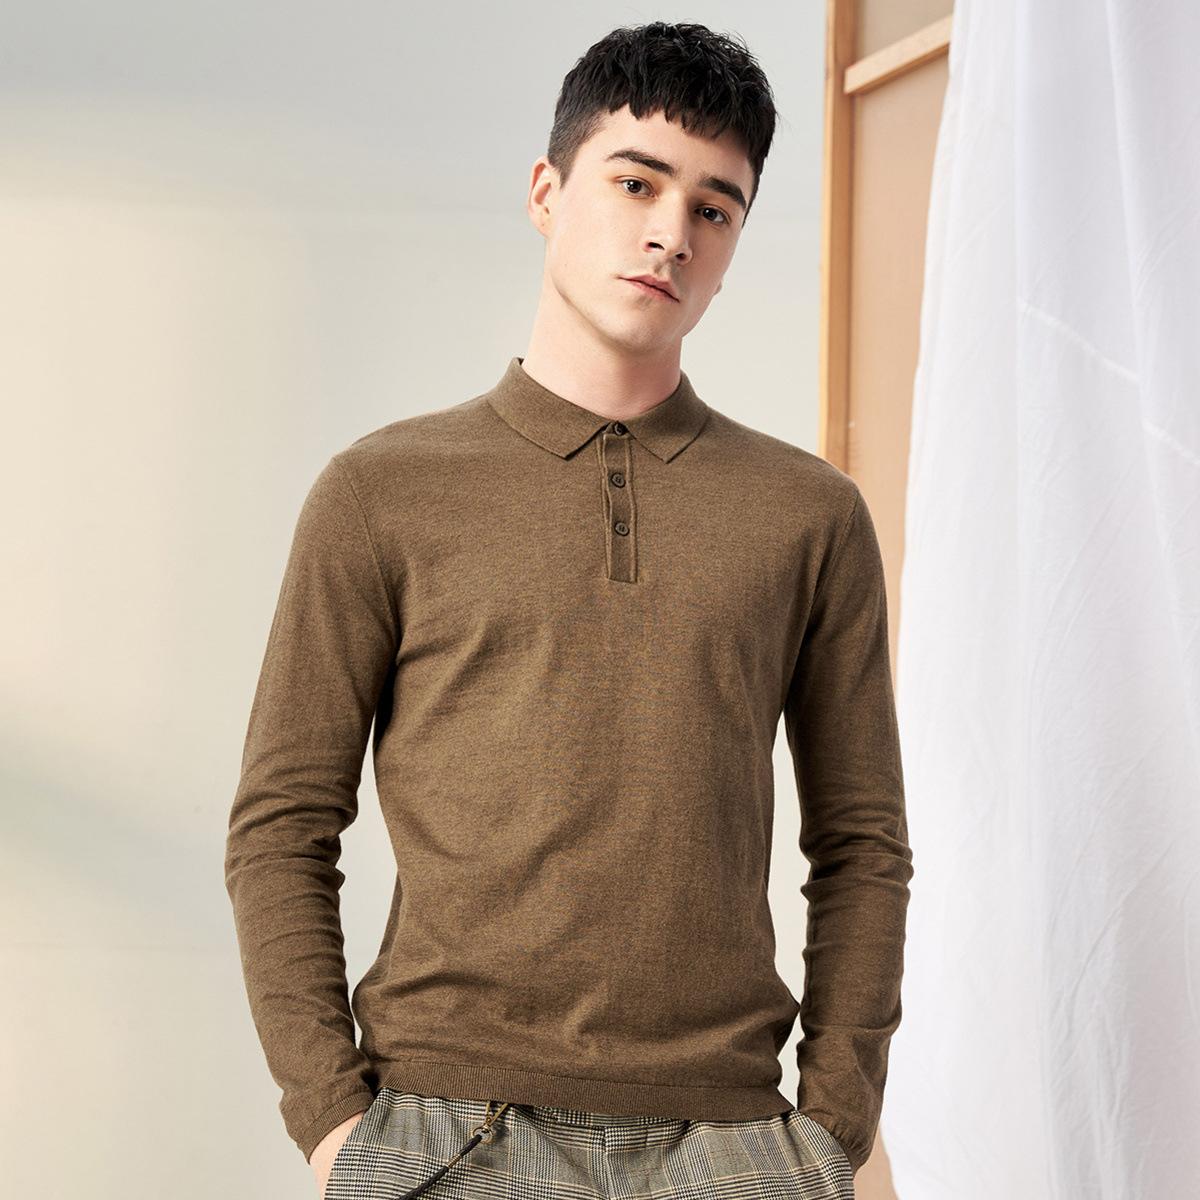 Áo thun dài tay polo cho nam , vải cotton thoải mái .